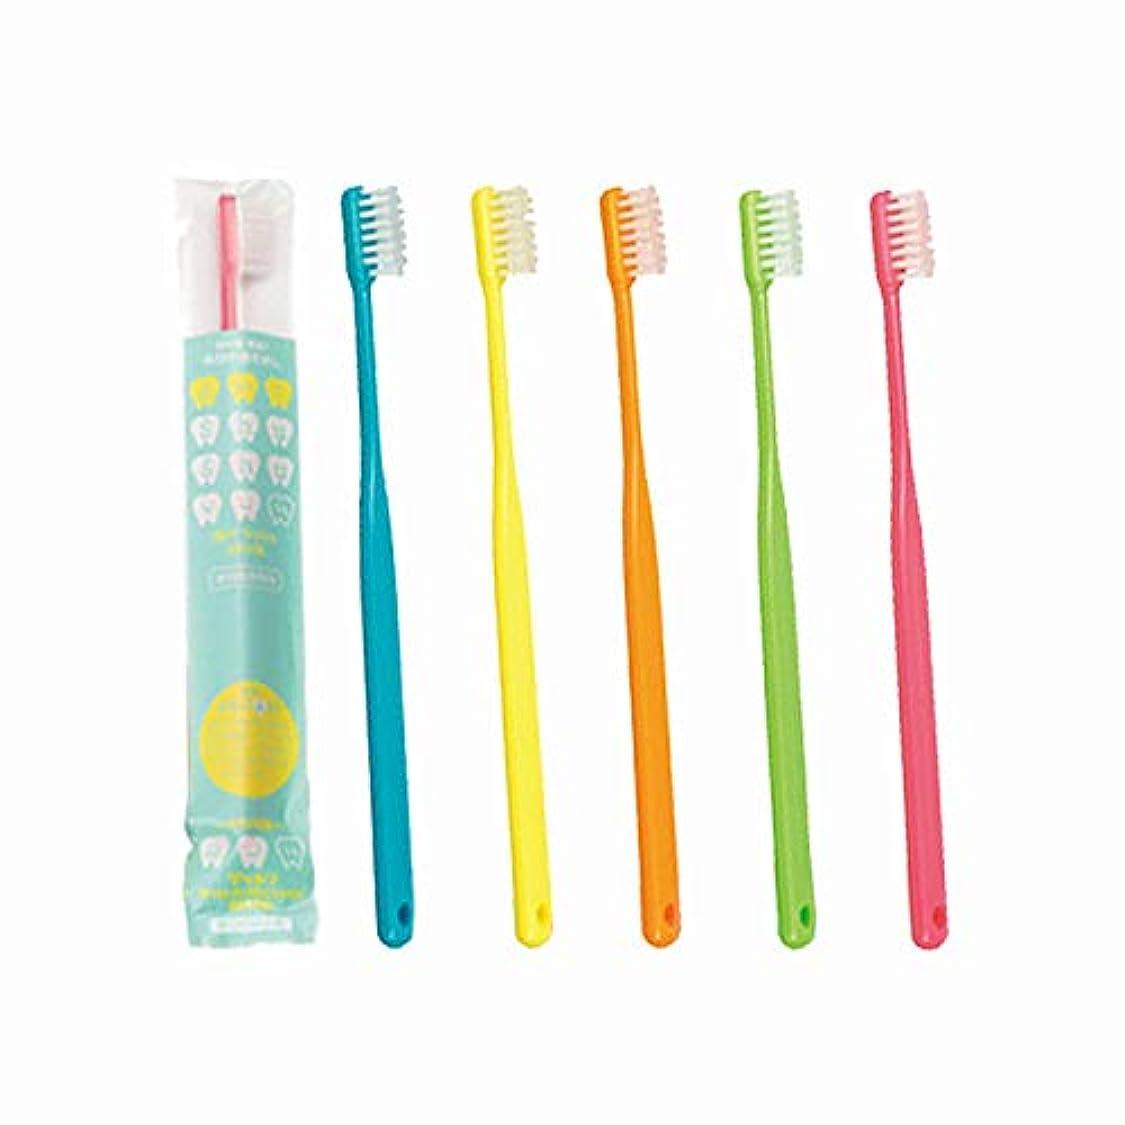 大人用歯ブラシ 歯科専売品 FEED(フィード) 占い!Shu Shu(うらないシュシュ)歯ブラシ×10本 (ふつう(M), 色はおまかせ)